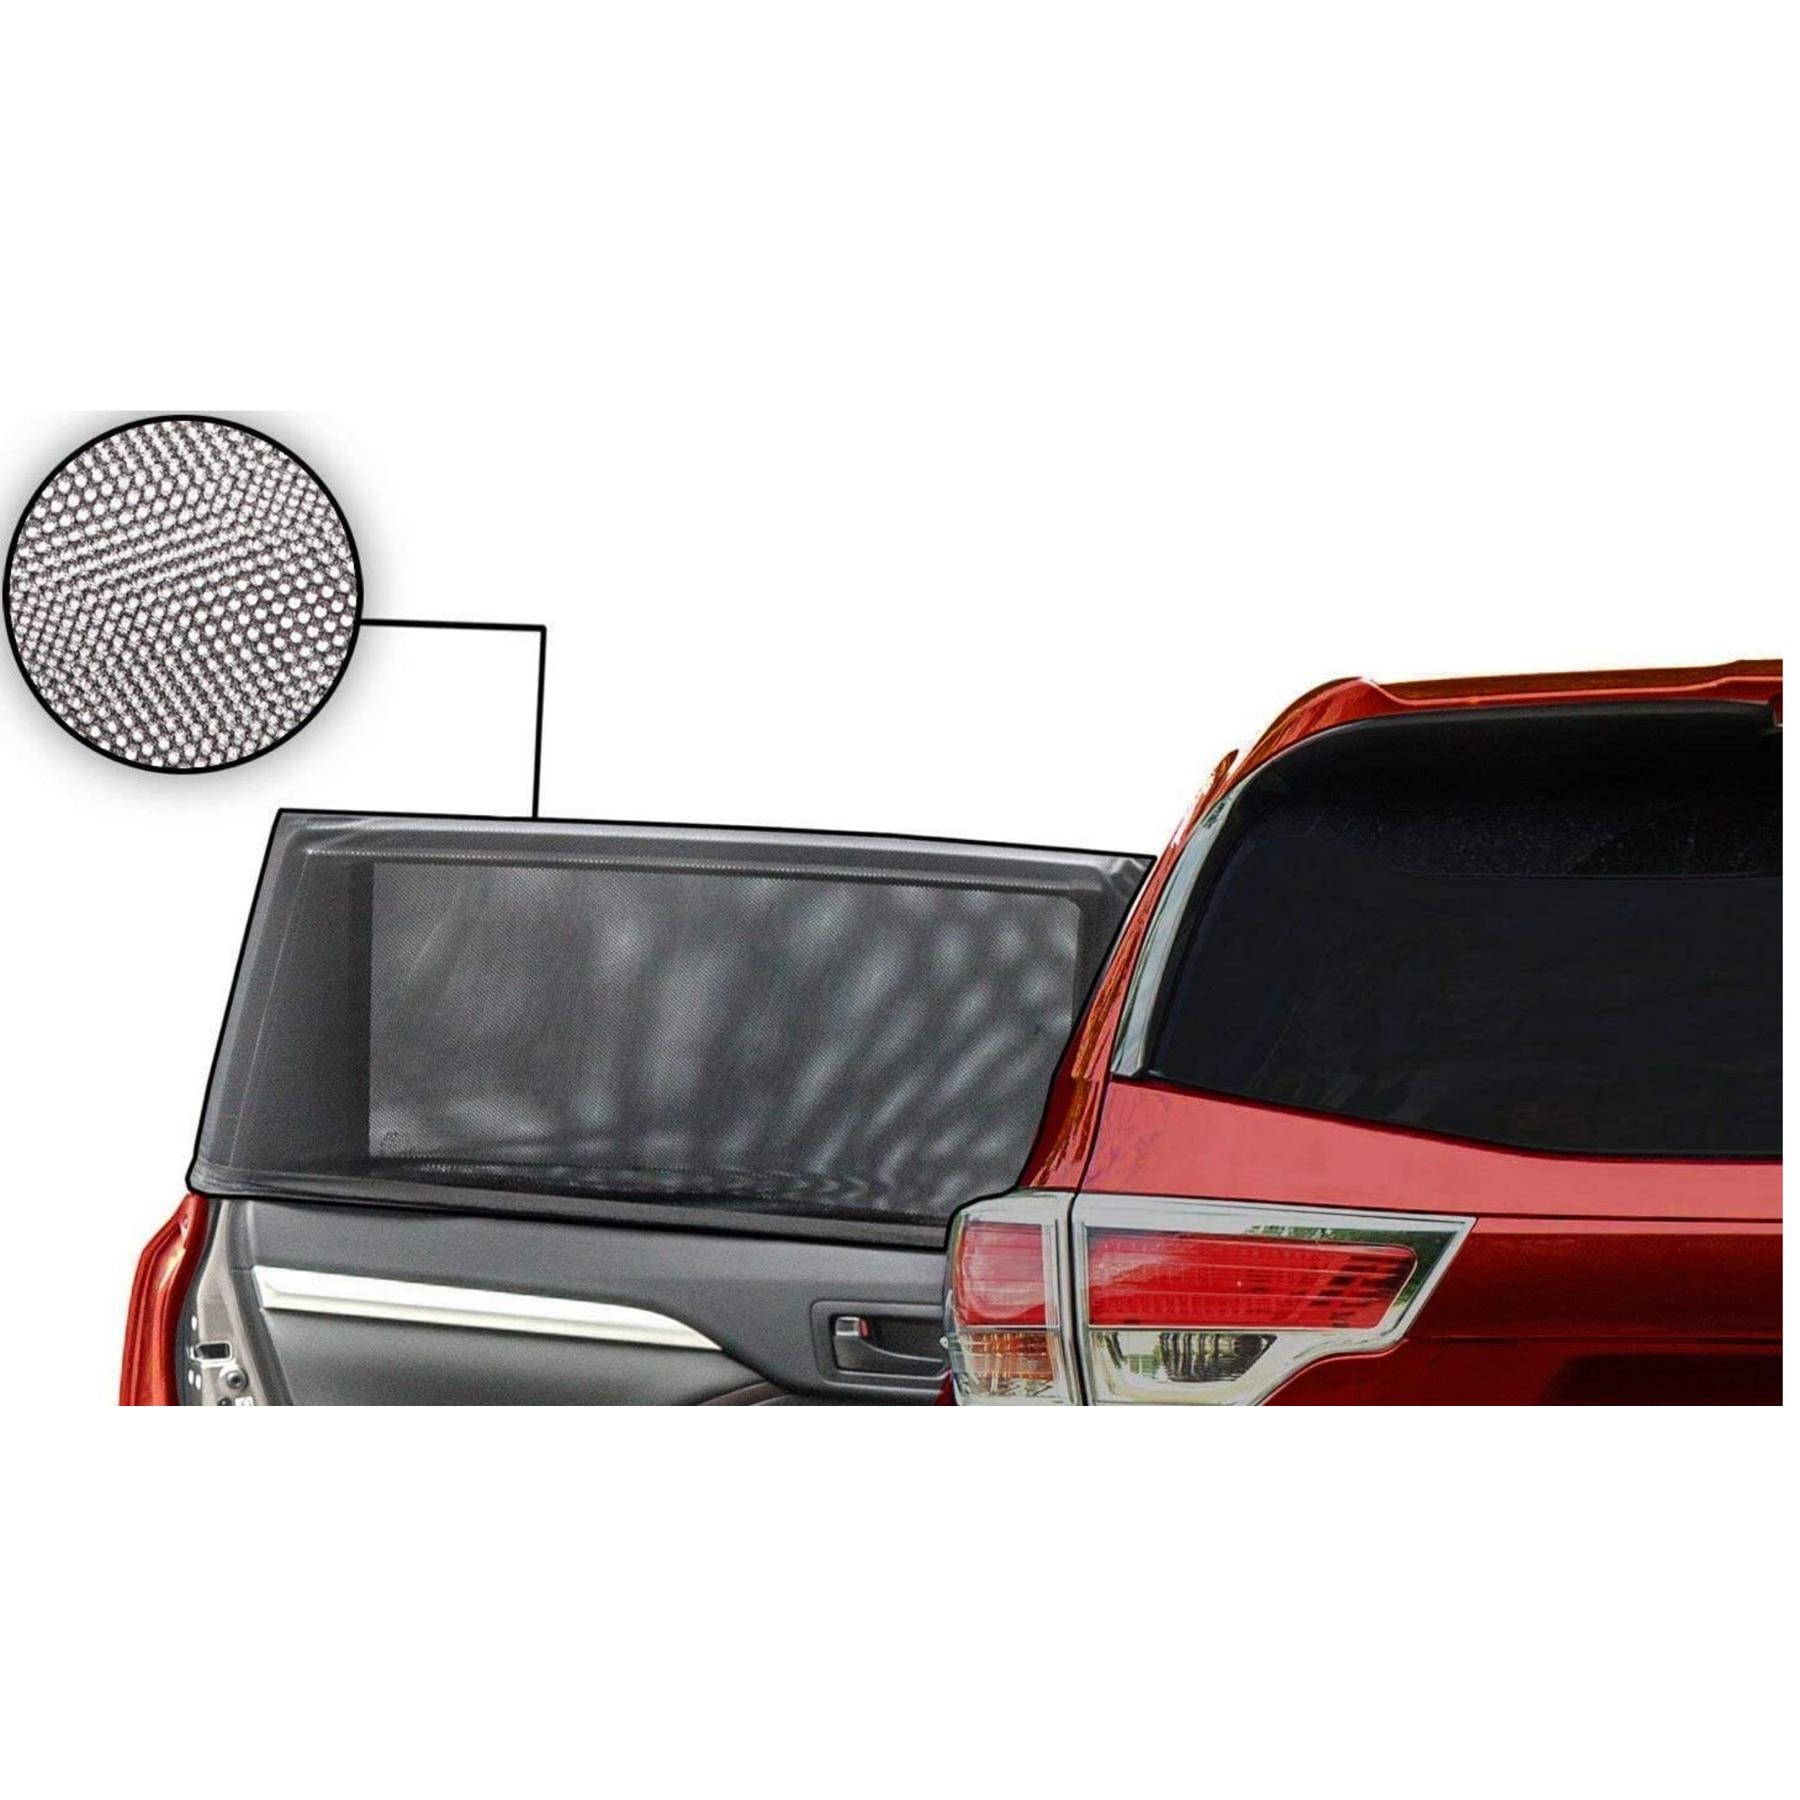 Pour voiture soleil, fenêtre latérale arrière, pour nourrissons, enfants et animaux de compagnie, double tissé pour une Protection maximale